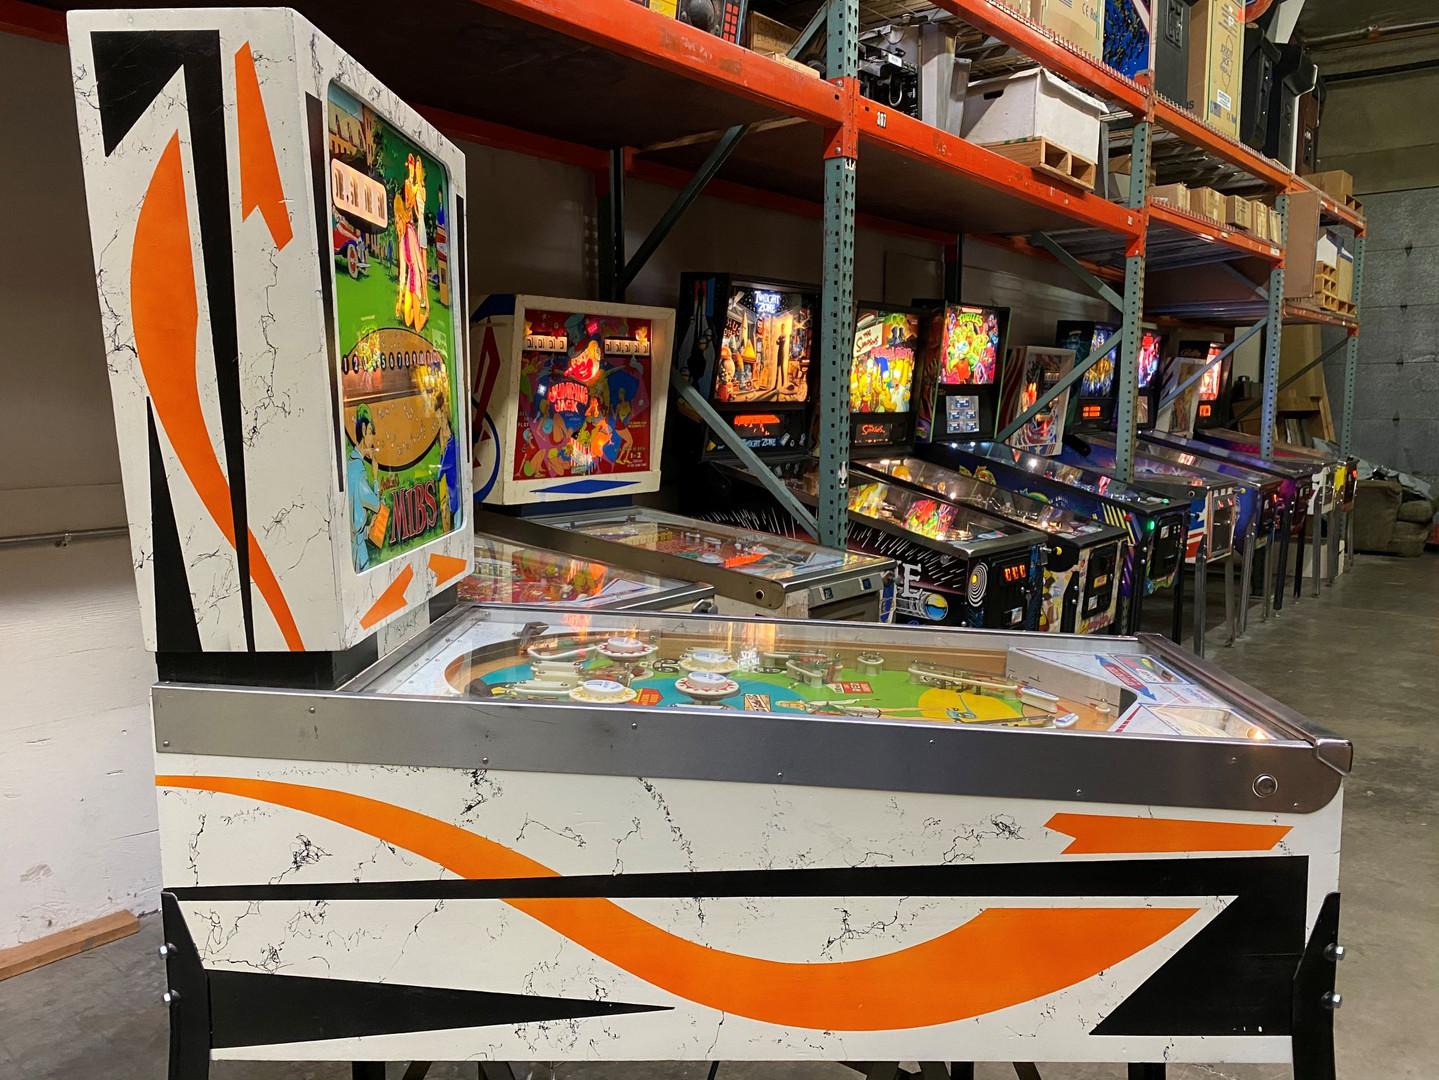 Mibs 04 Pinball Machine.jpg